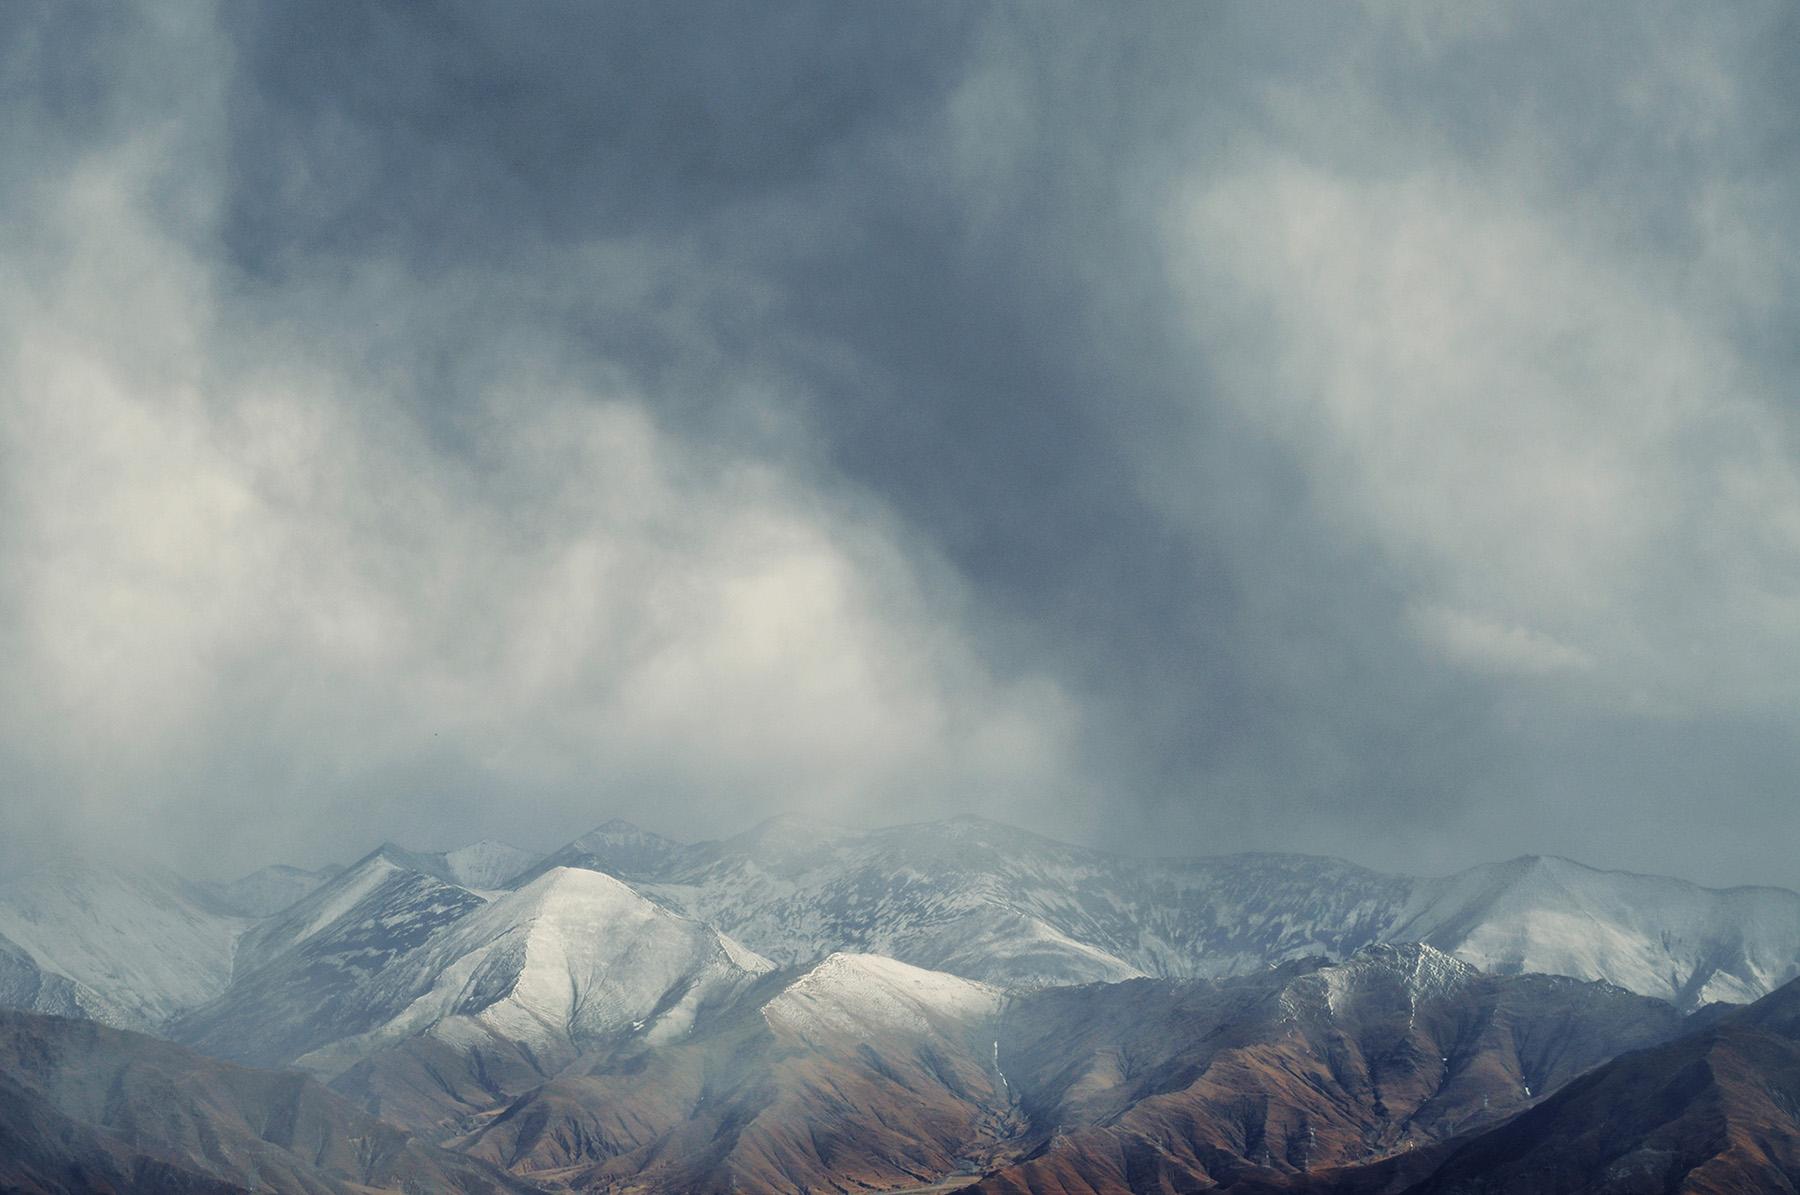 Stormy Clouds near Sera, Lhasa